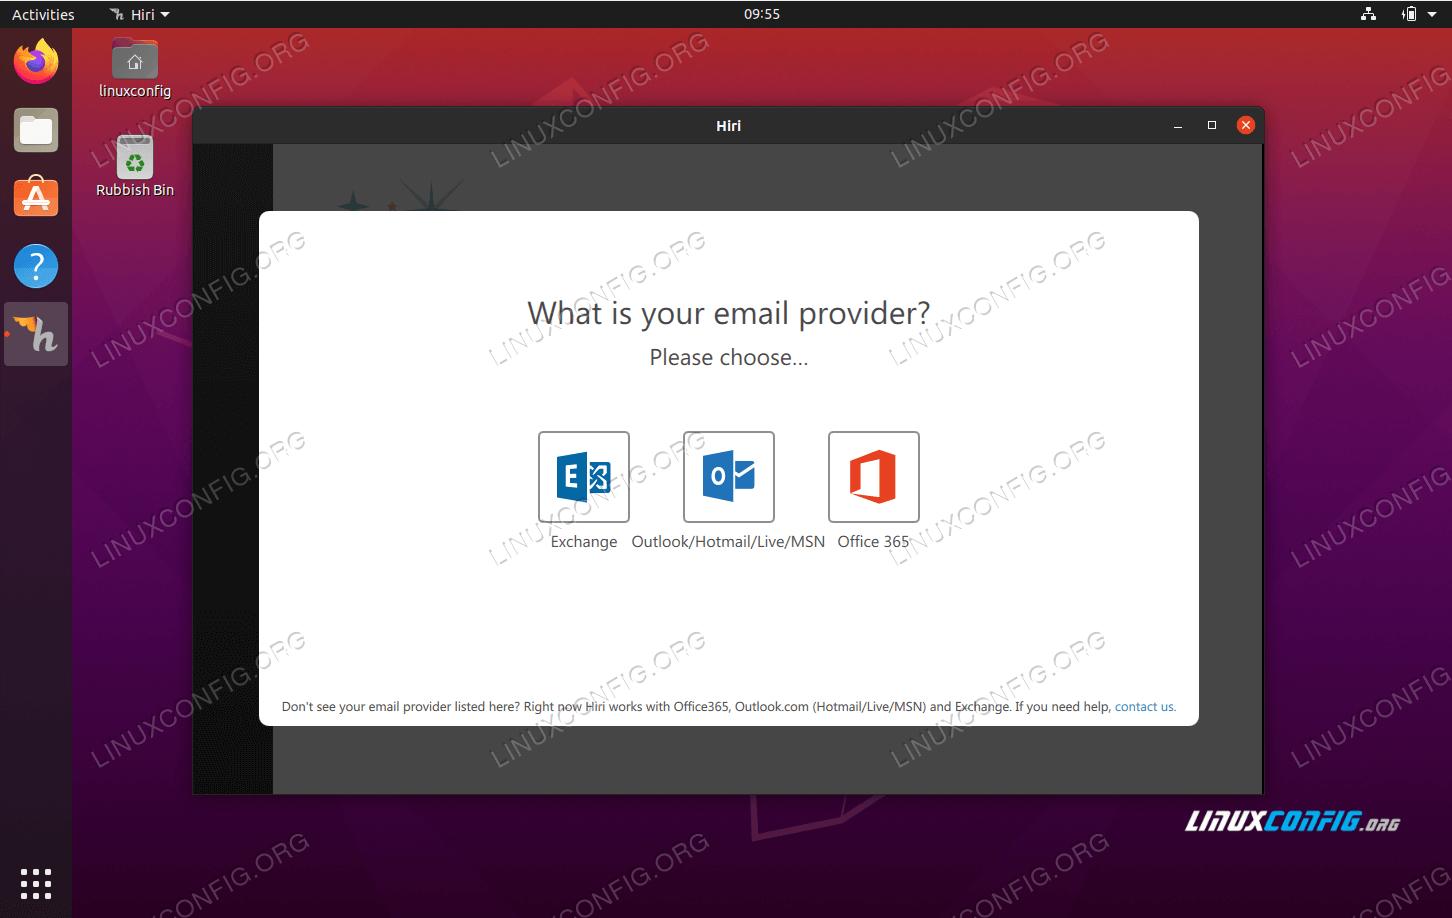 hiri desktop e-mail client on Ubuntu 20.04